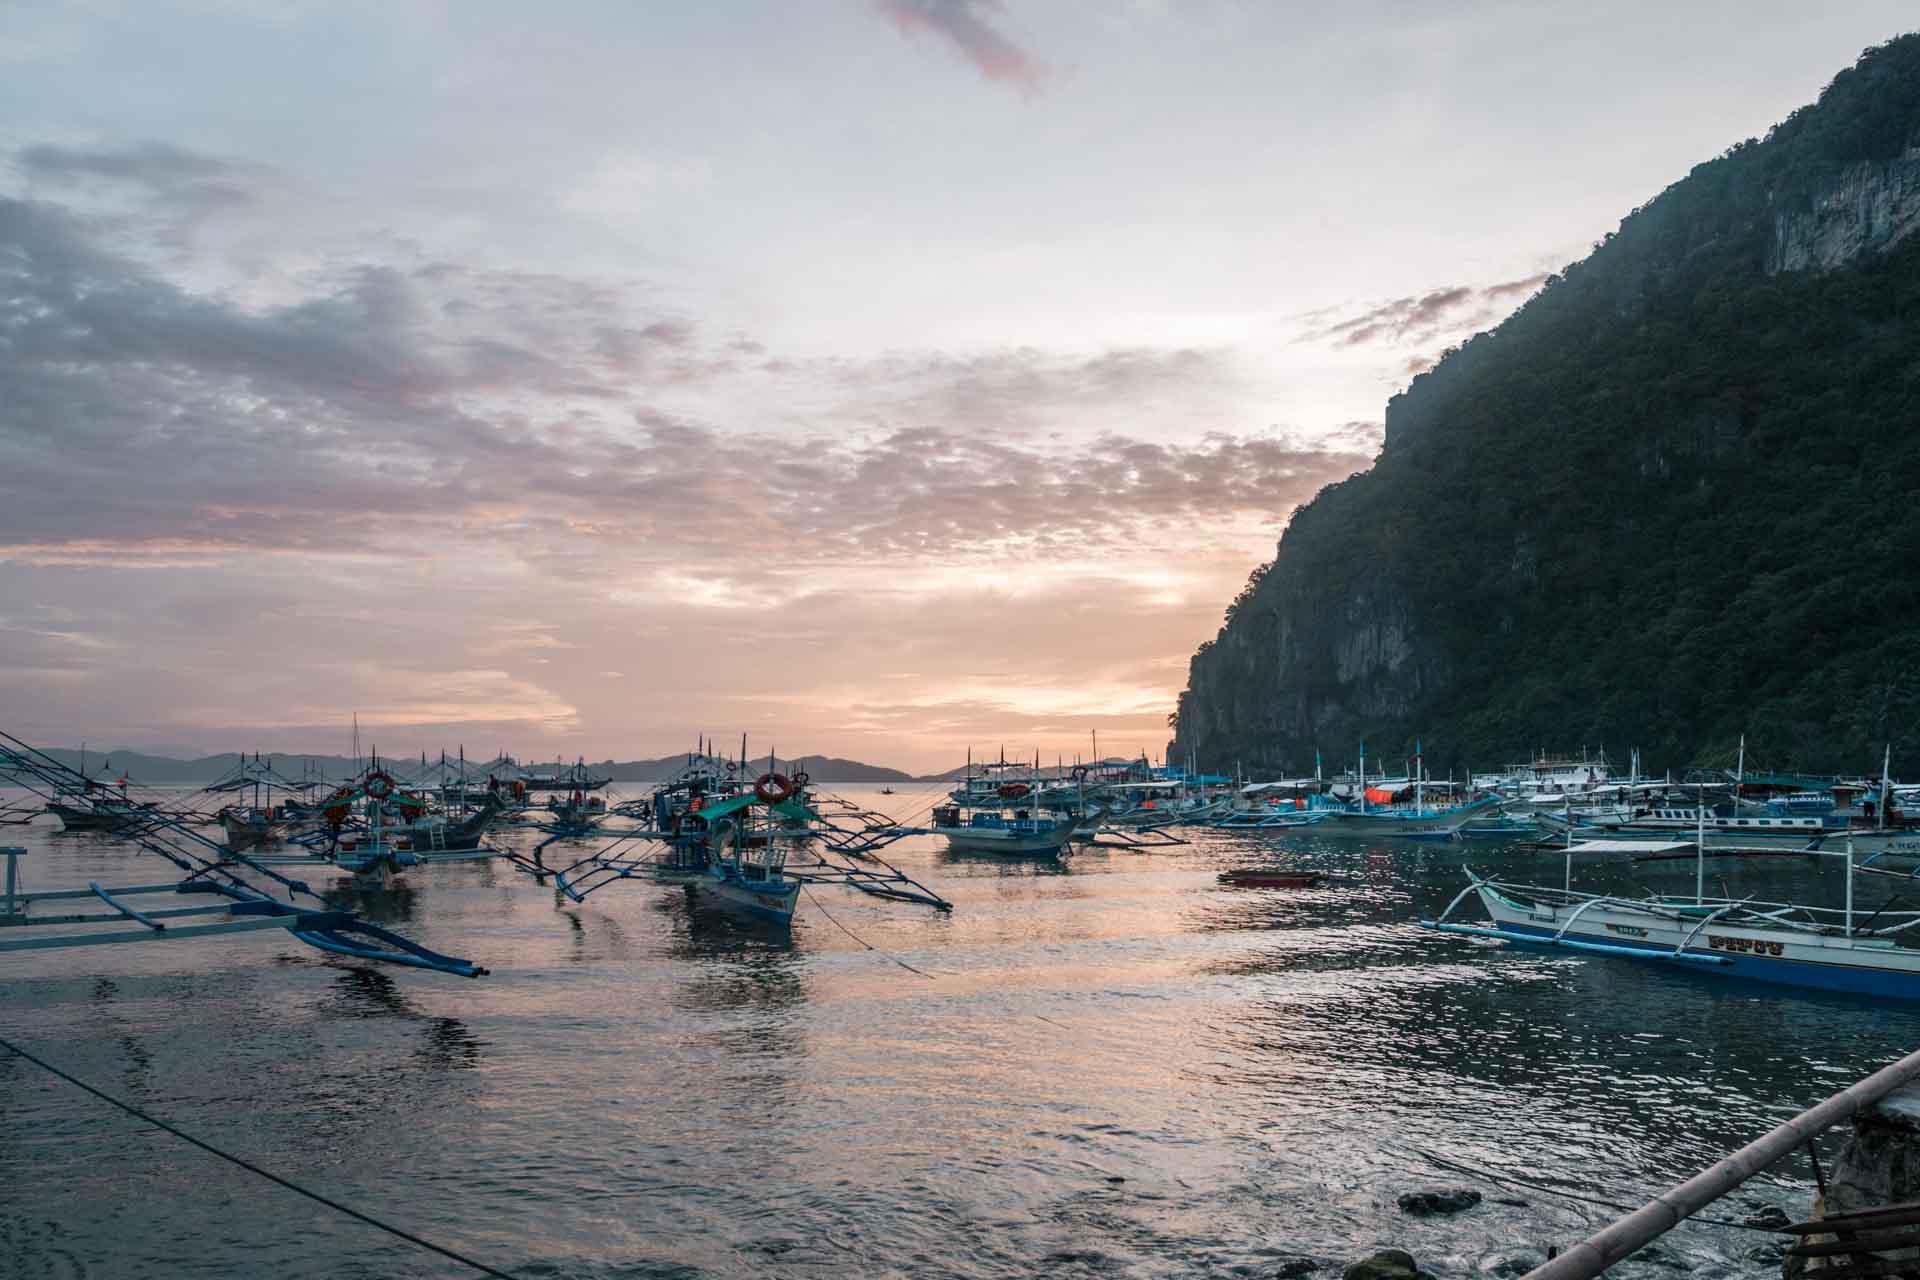 Sunset at Corong Corong